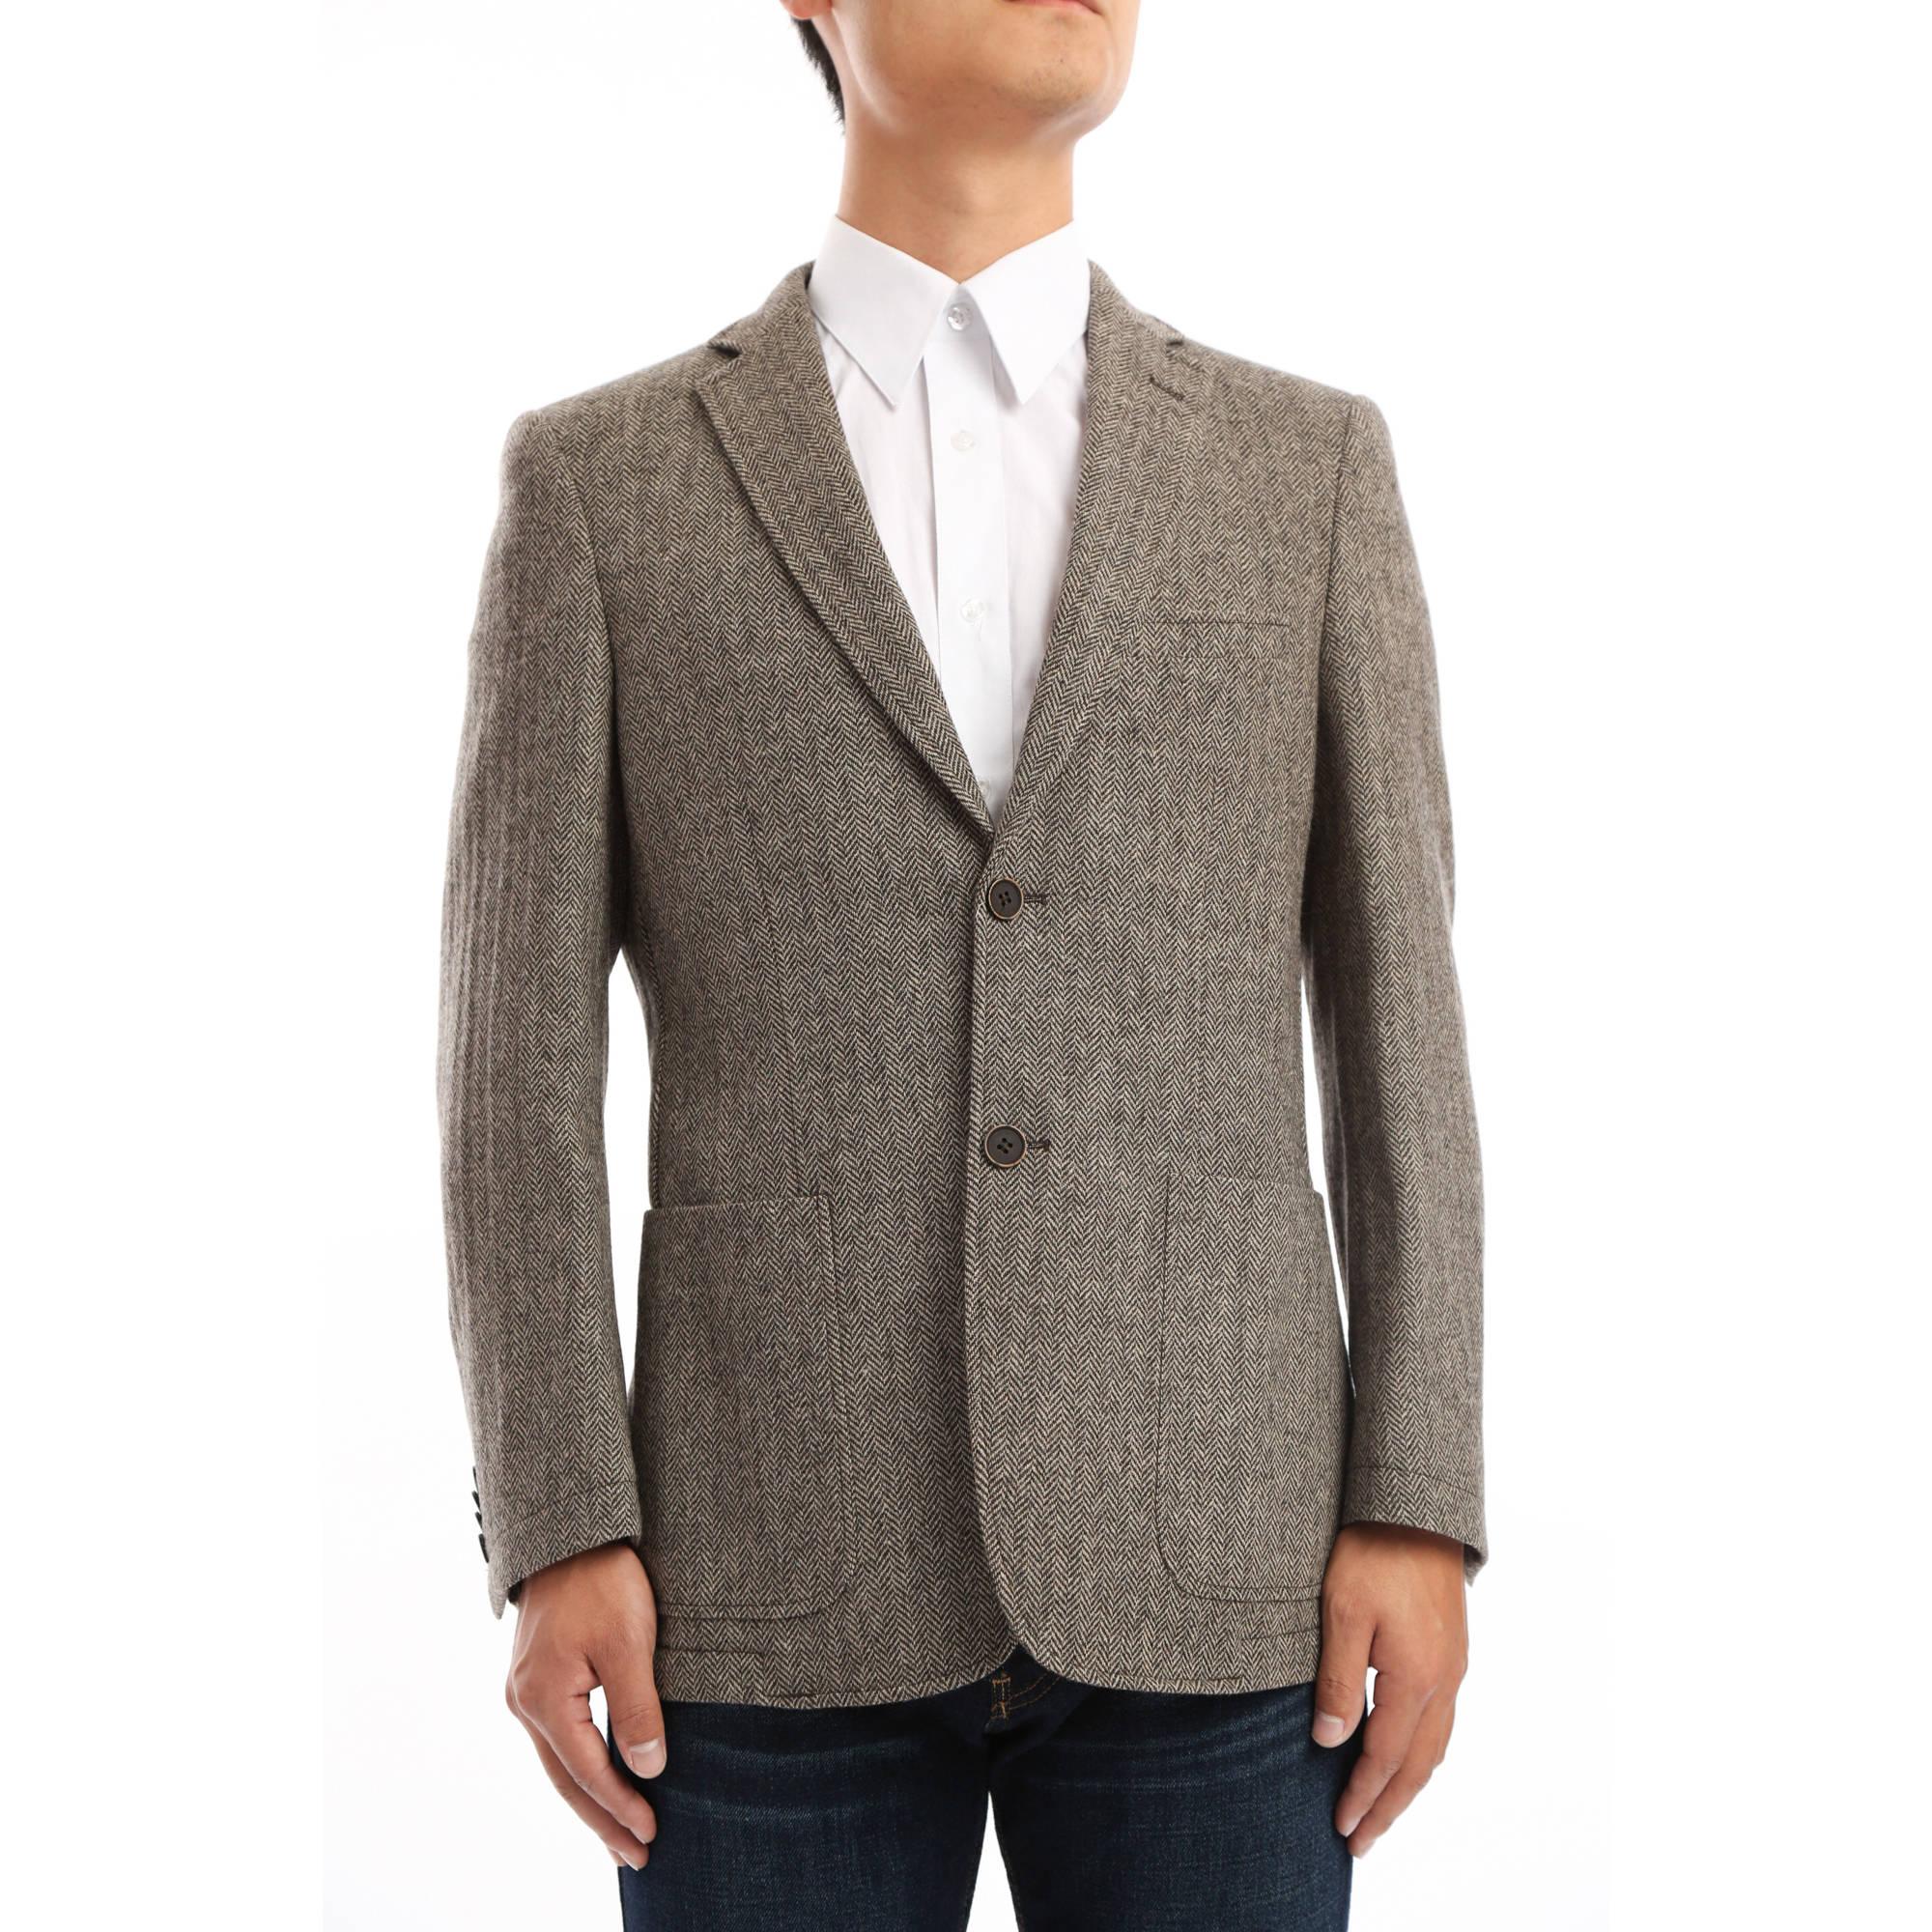 Verno Men's Brown and Tan Herringbone Classic Fit Wool Blazer